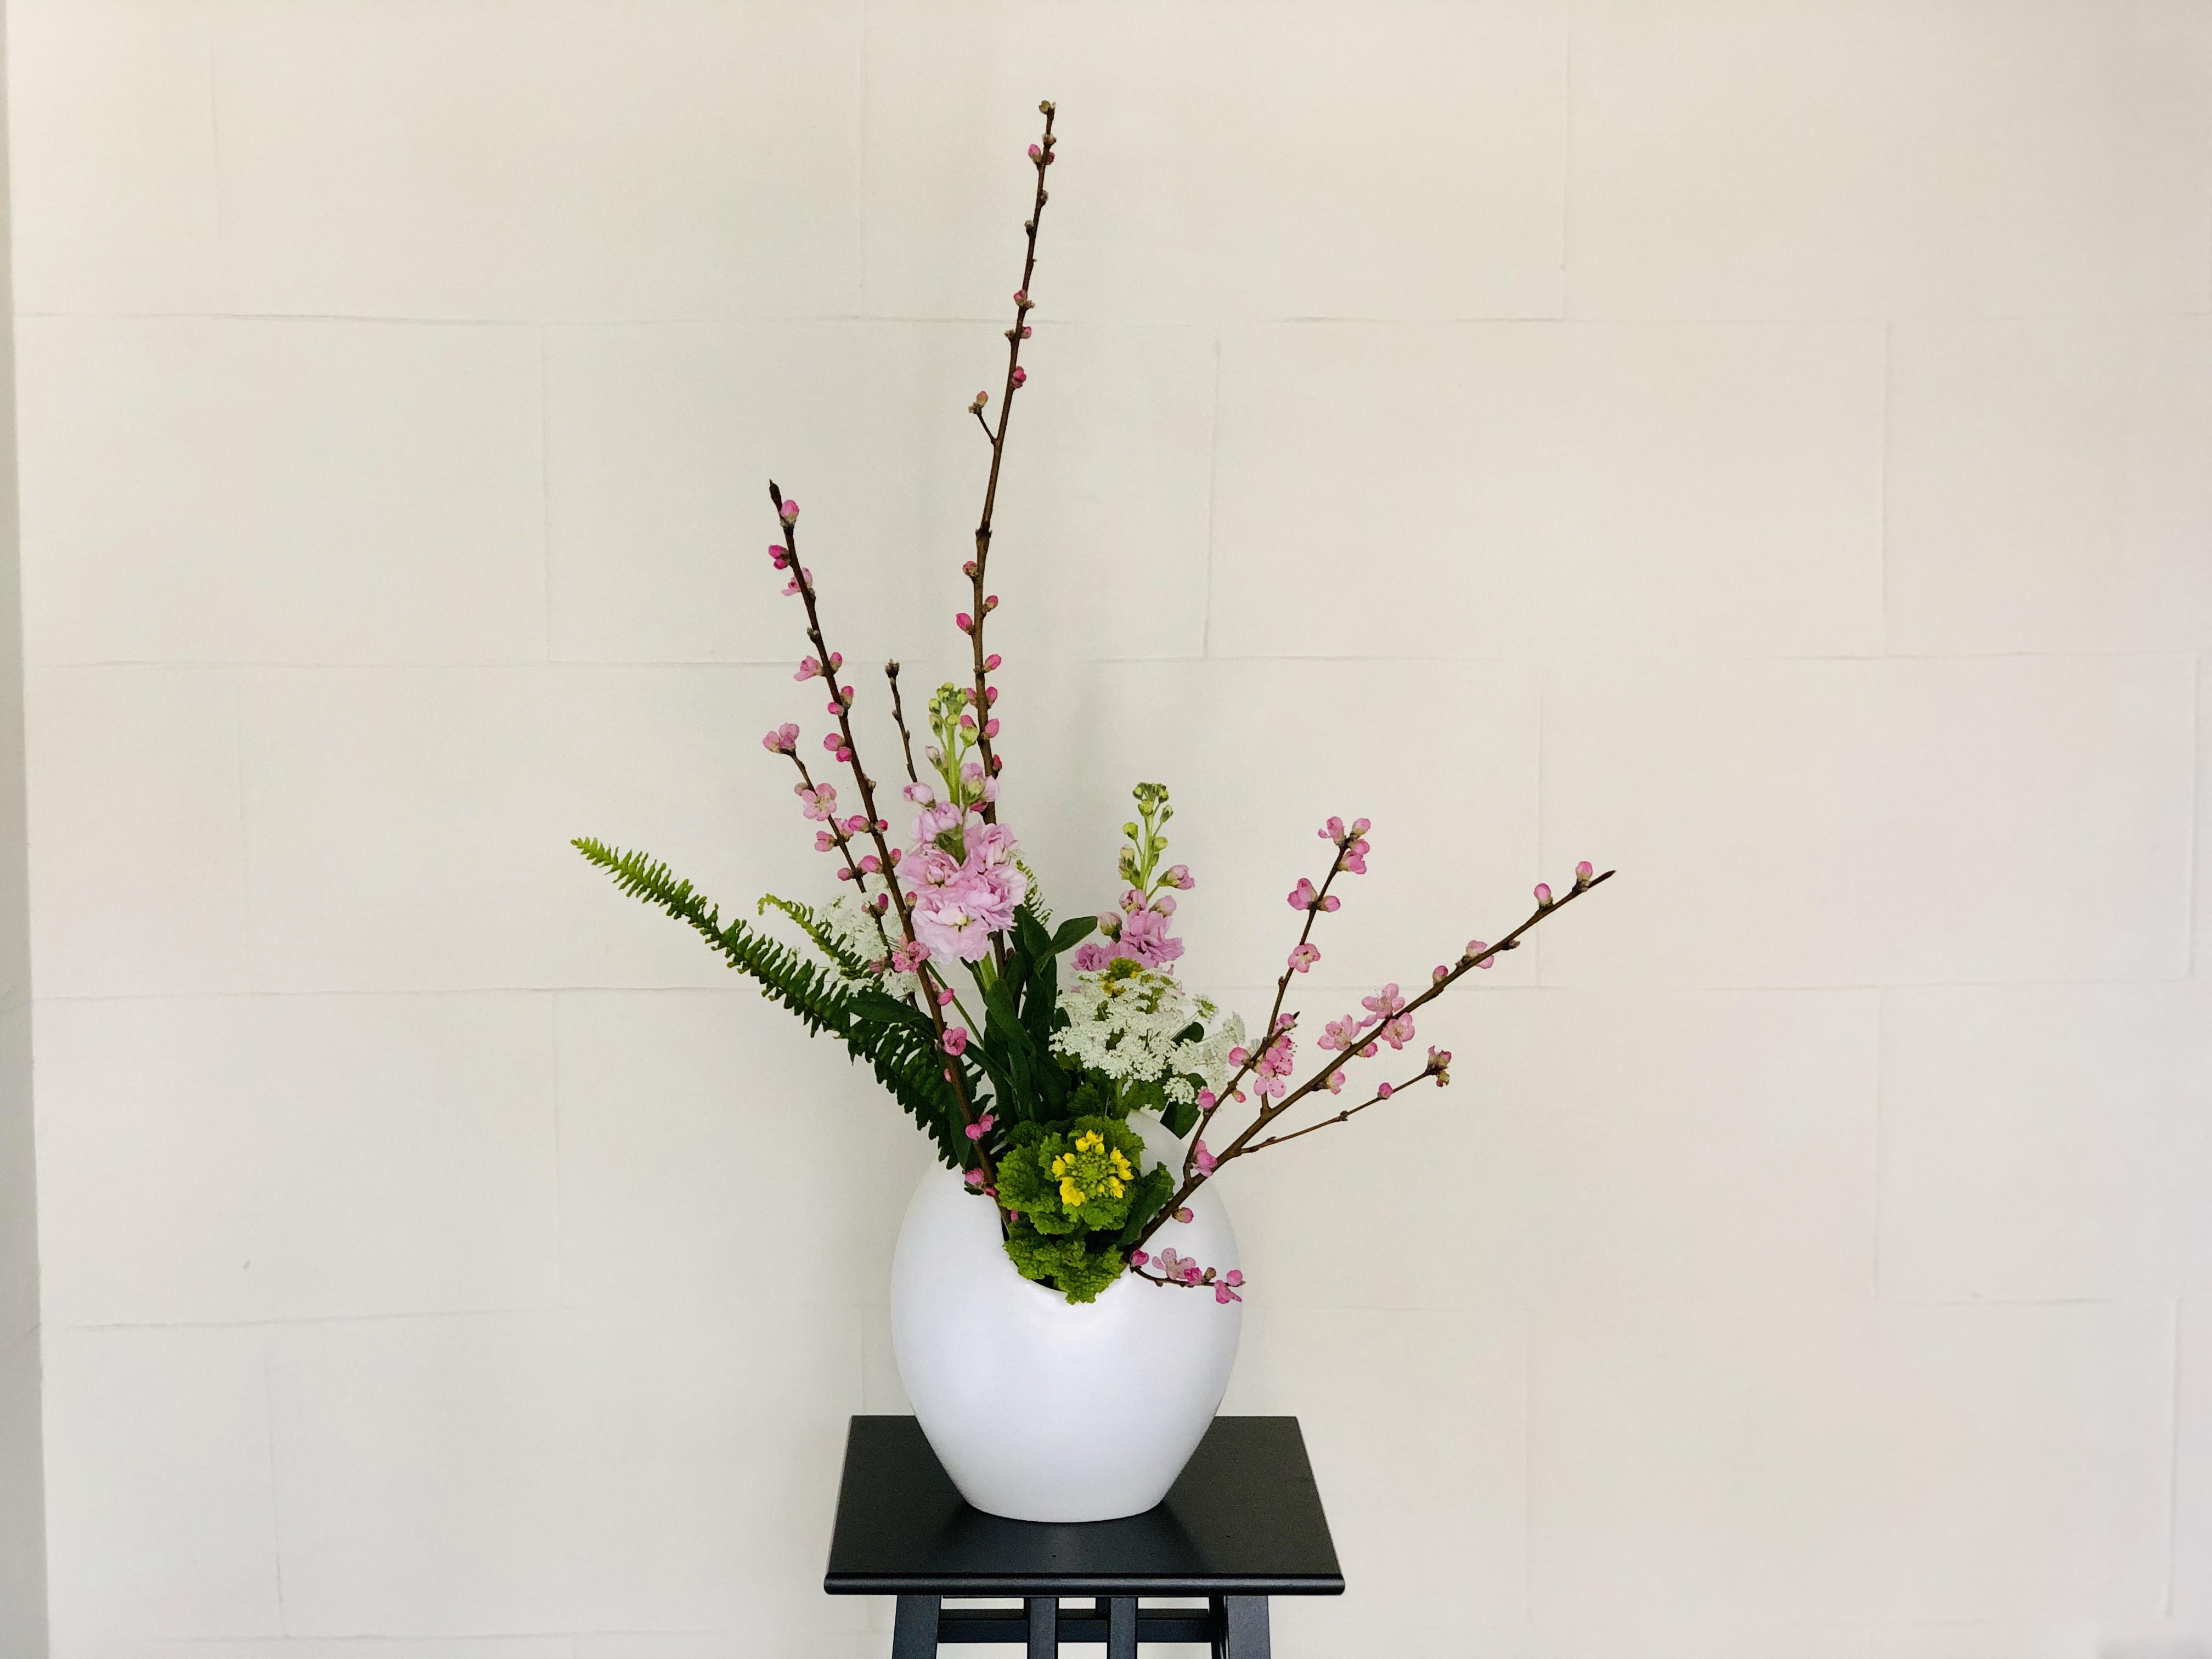 桃の花の入った生け花